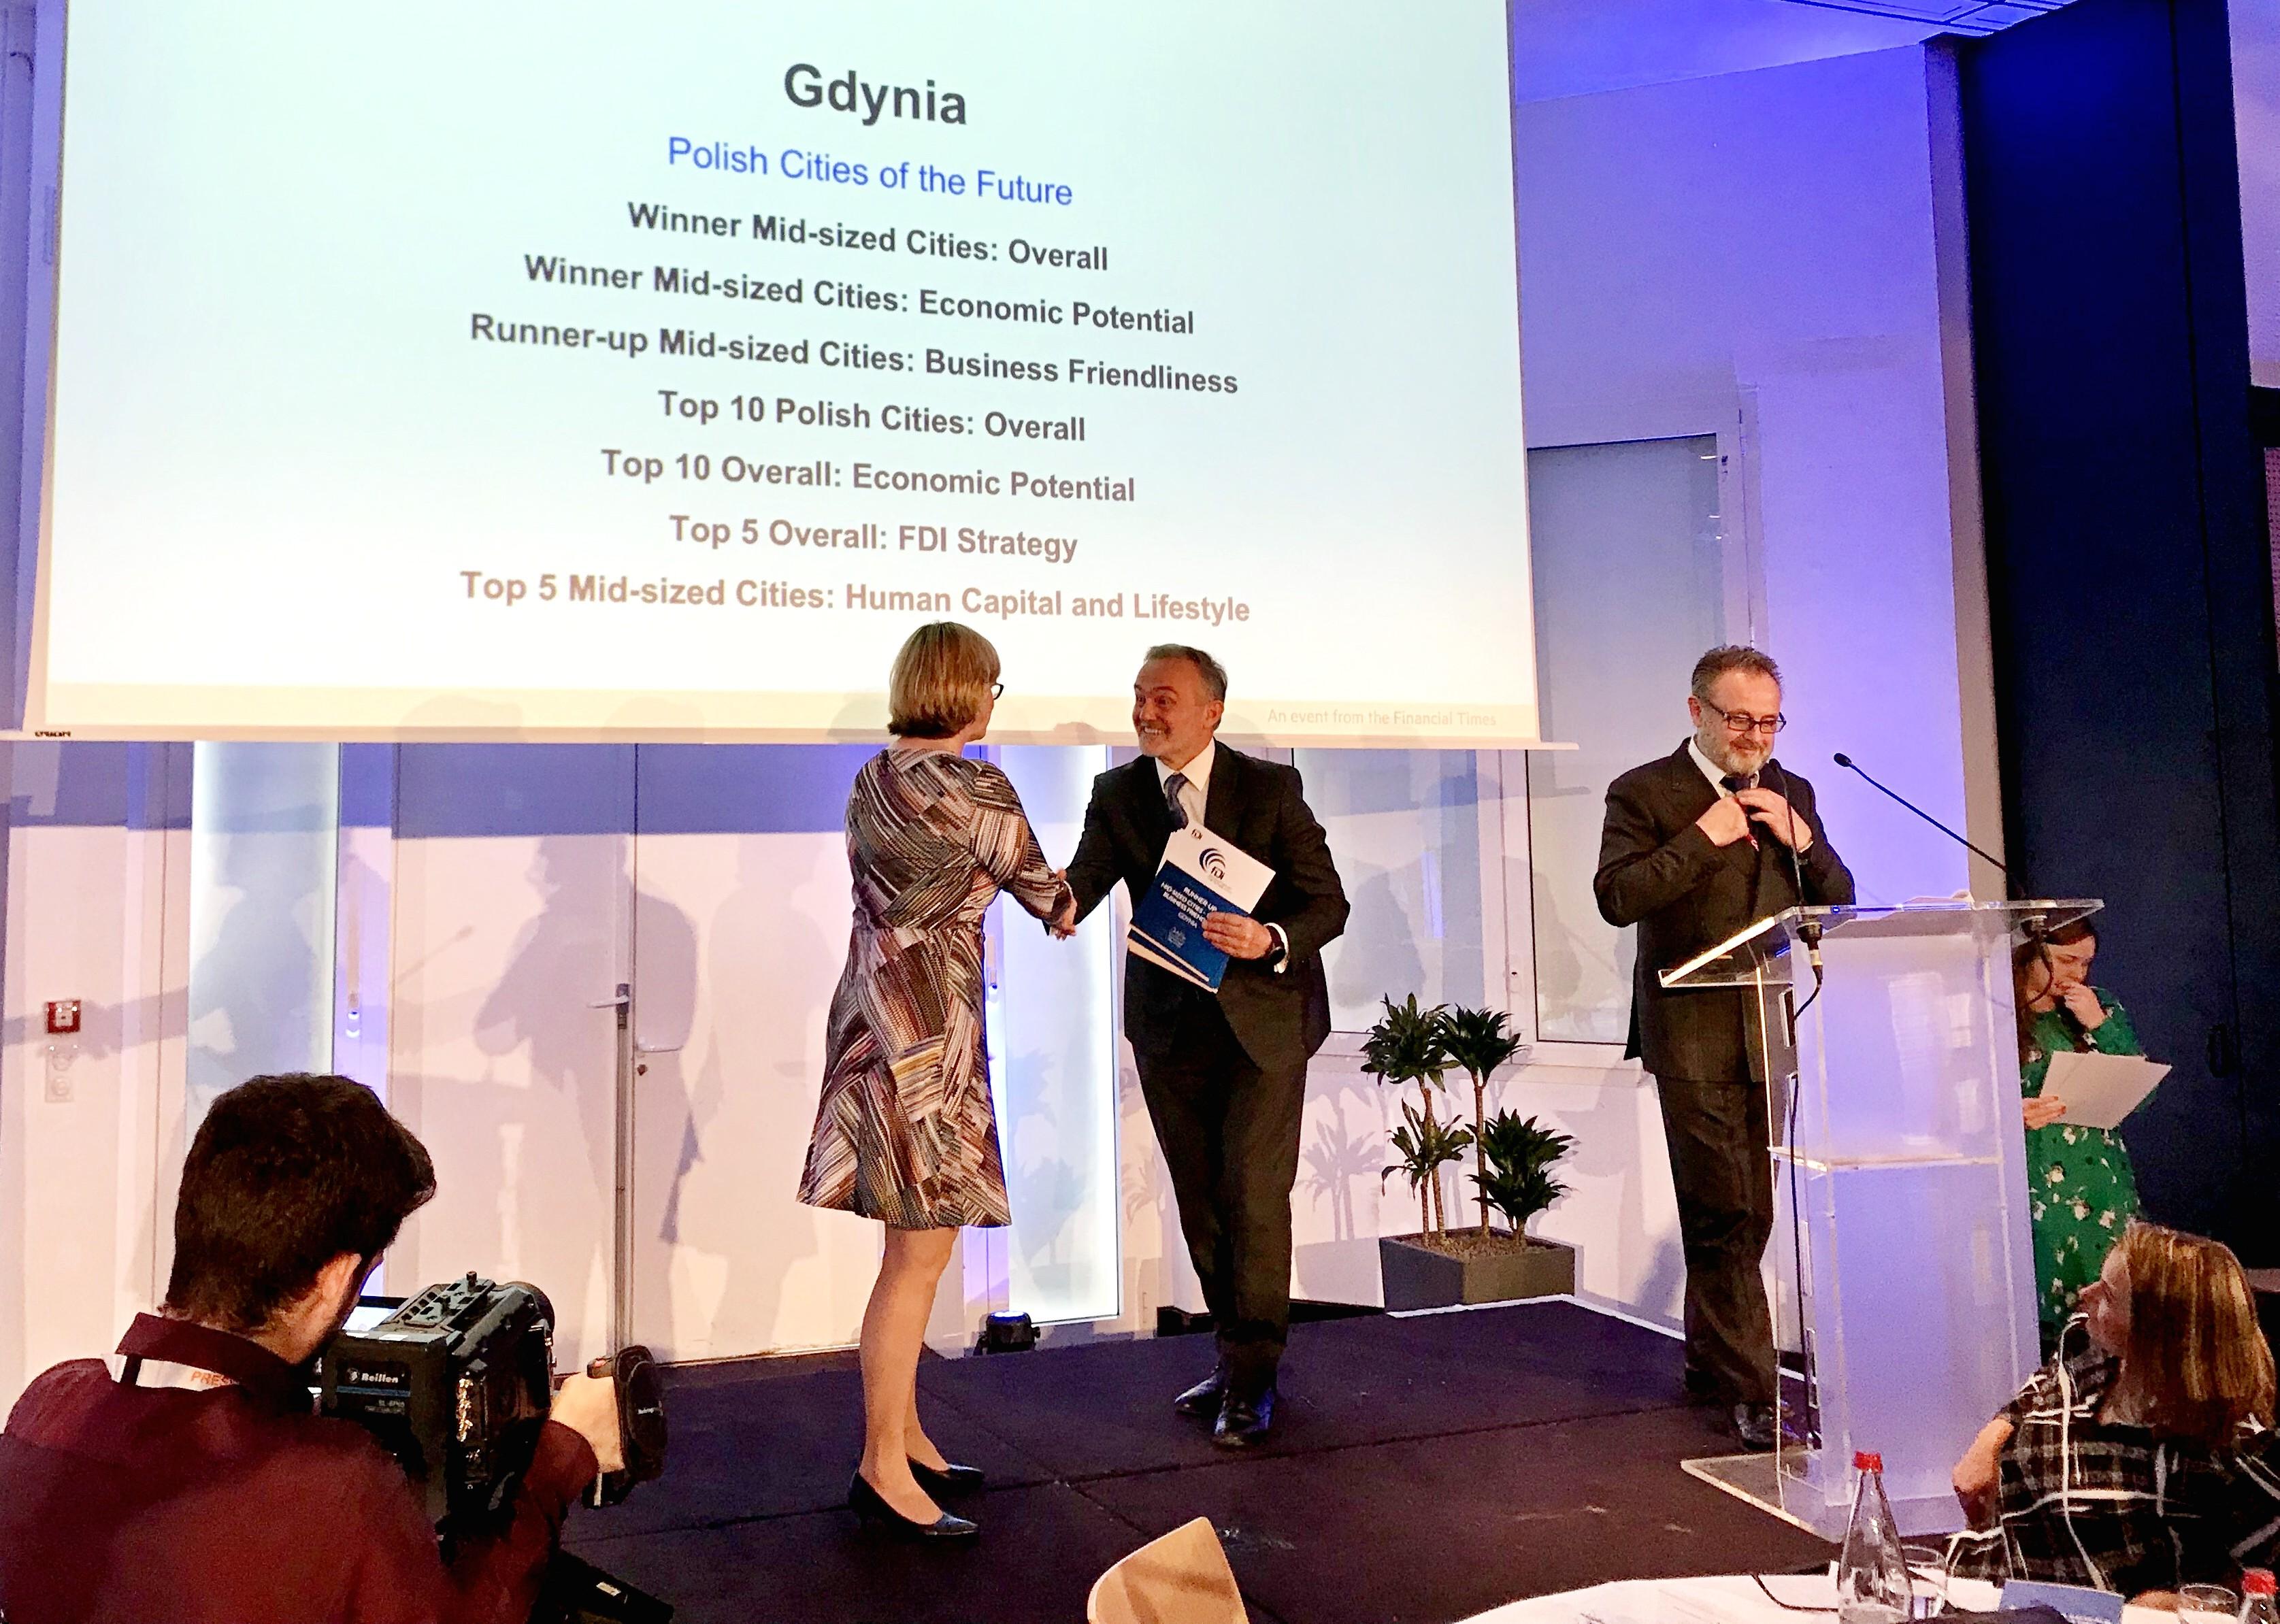 Dwie nagrody w ramach Polskich Miast Przyszłości 2019/2020 odebrał podczas targów MIPIM w Cannes prezydent Gdyni, Wojciech Szczurek, fot. Maja Studzińska